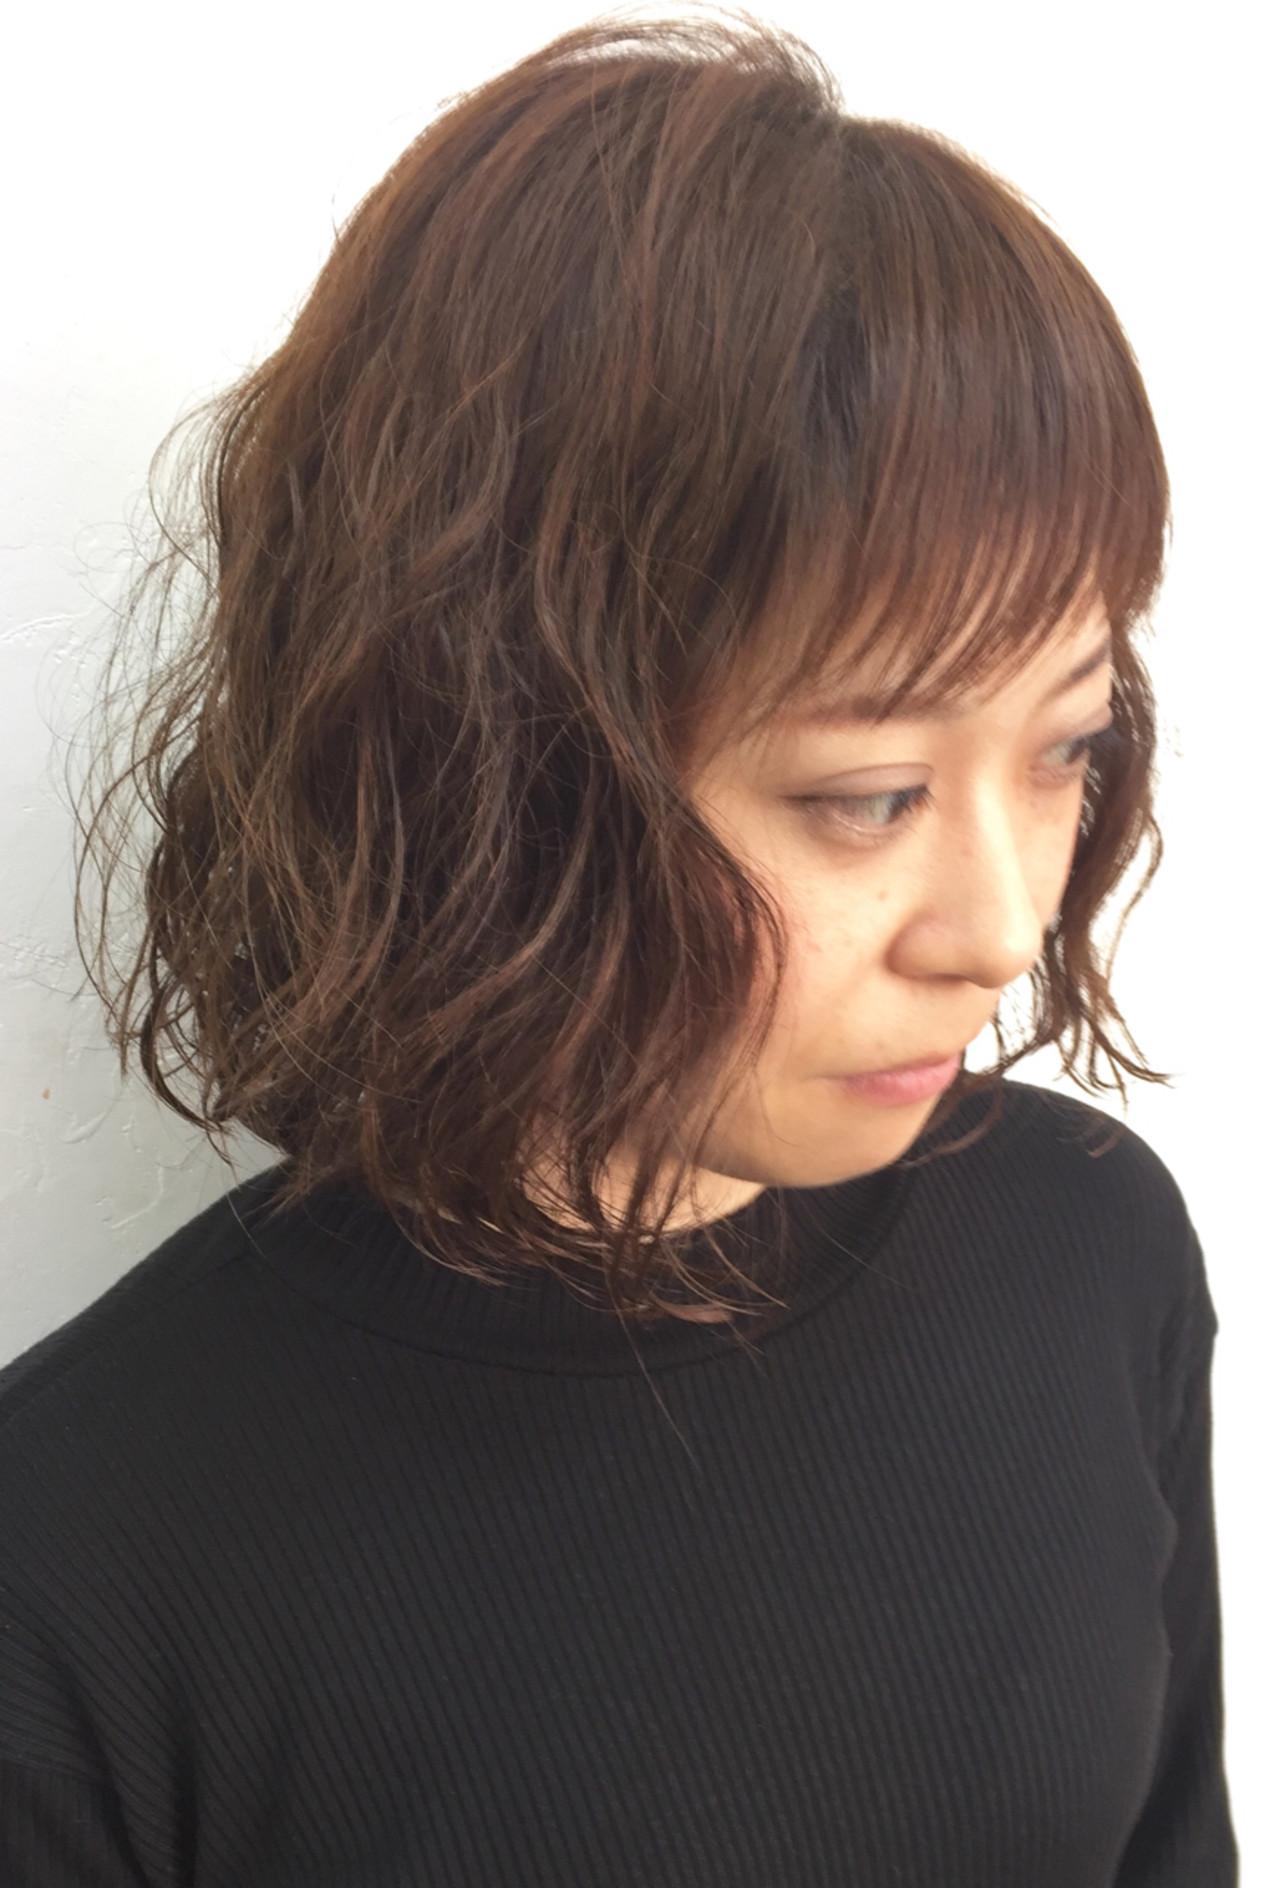 簡単 大人かわいい ナチュラル かわいい ヘアスタイルや髪型の写真・画像